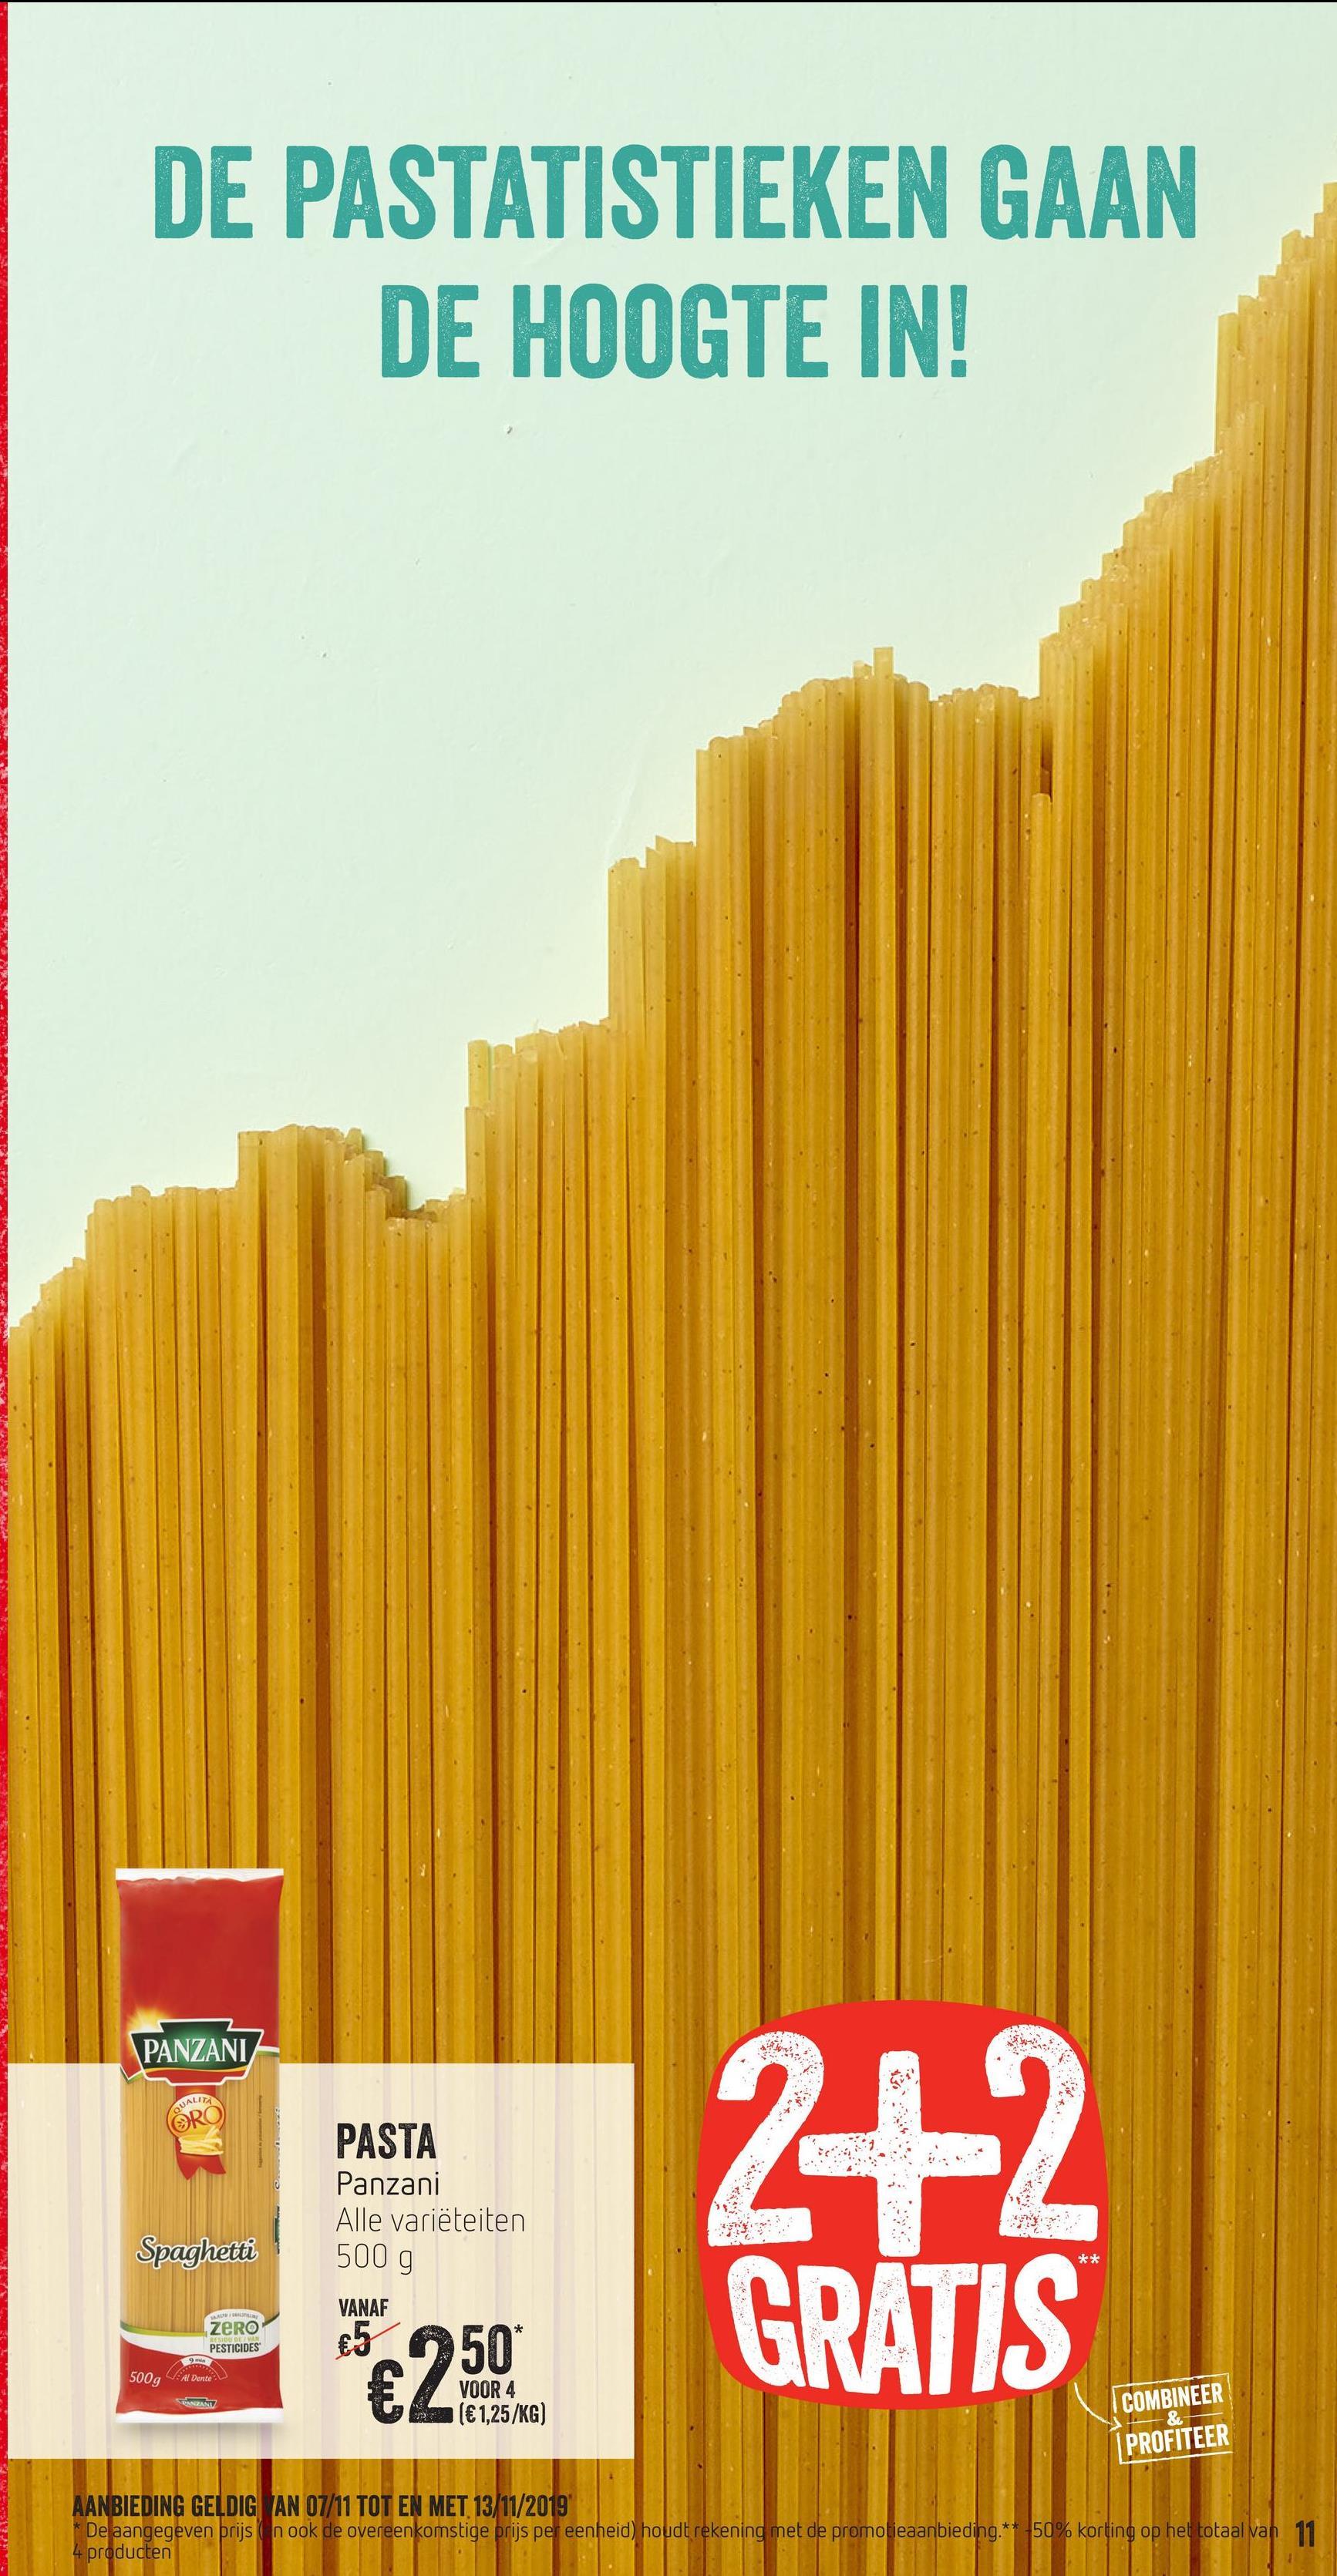 DE PASTATISTIEKEN GAAN DE HOOGTE IN! 939 PANZANI SUALI ÖRO Spaghetti * * PASTA Panzani Alle variëteiten 500 g VANAF €550* VOOR 4 JA (€1,25/KG) ZERO RATIBU DER PESTICIDES 9 URALIS 500g 41 Đente JOANZANIZ I COMBINEER PROFITEER AANBIEDING GELDIG AN 07/11 TOT EN MET 13/11/2019 * De aangegeven prijs ( n ook de overeenkomstige prijs per eenheid) houdt rekening met de promotieaanbieding. ** 50% korting op het totaal van 11 4 producten